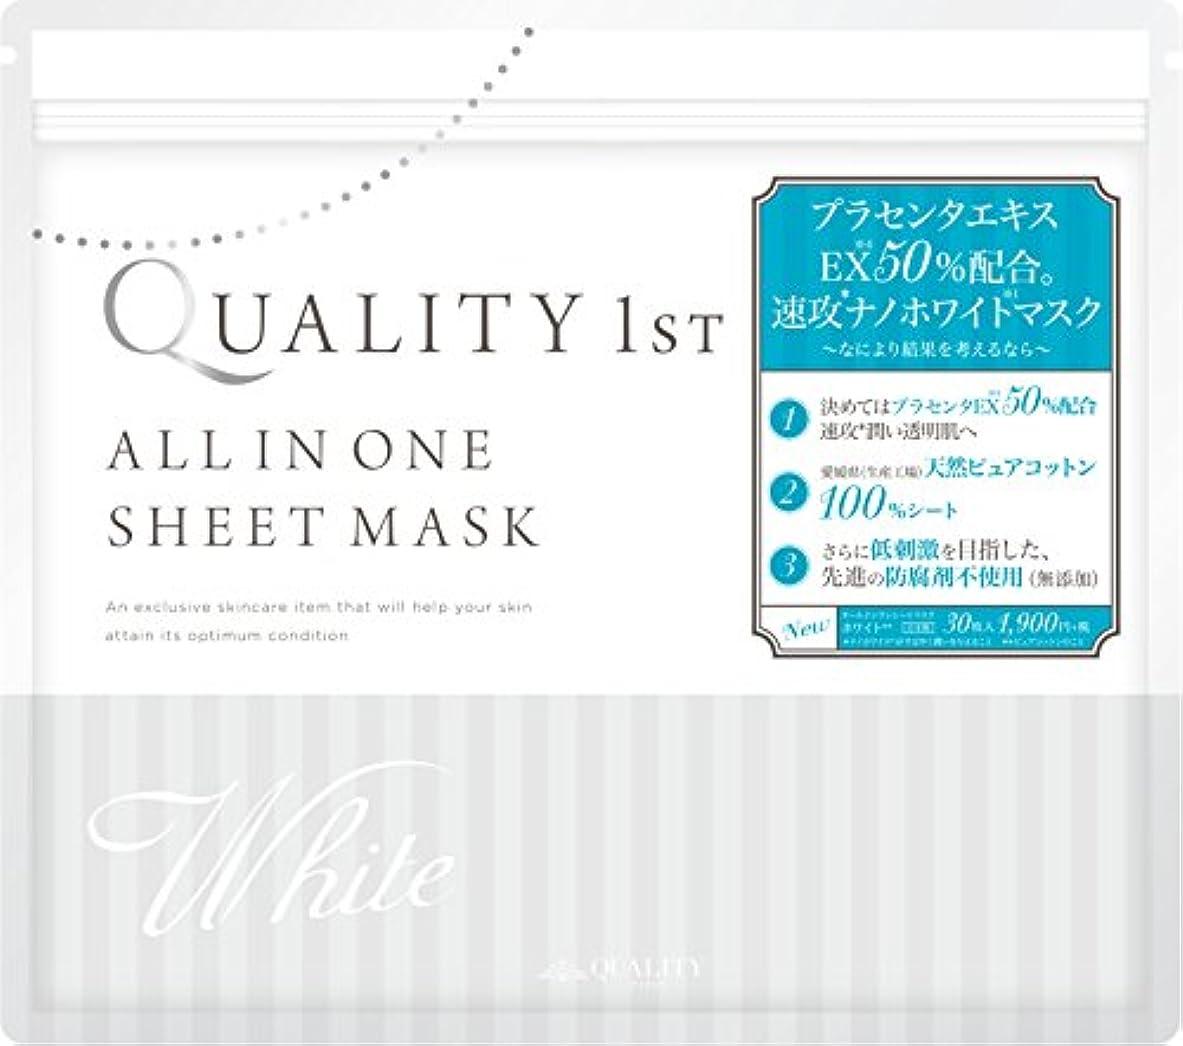 オールインワン シートマスク ホワイト 30枚